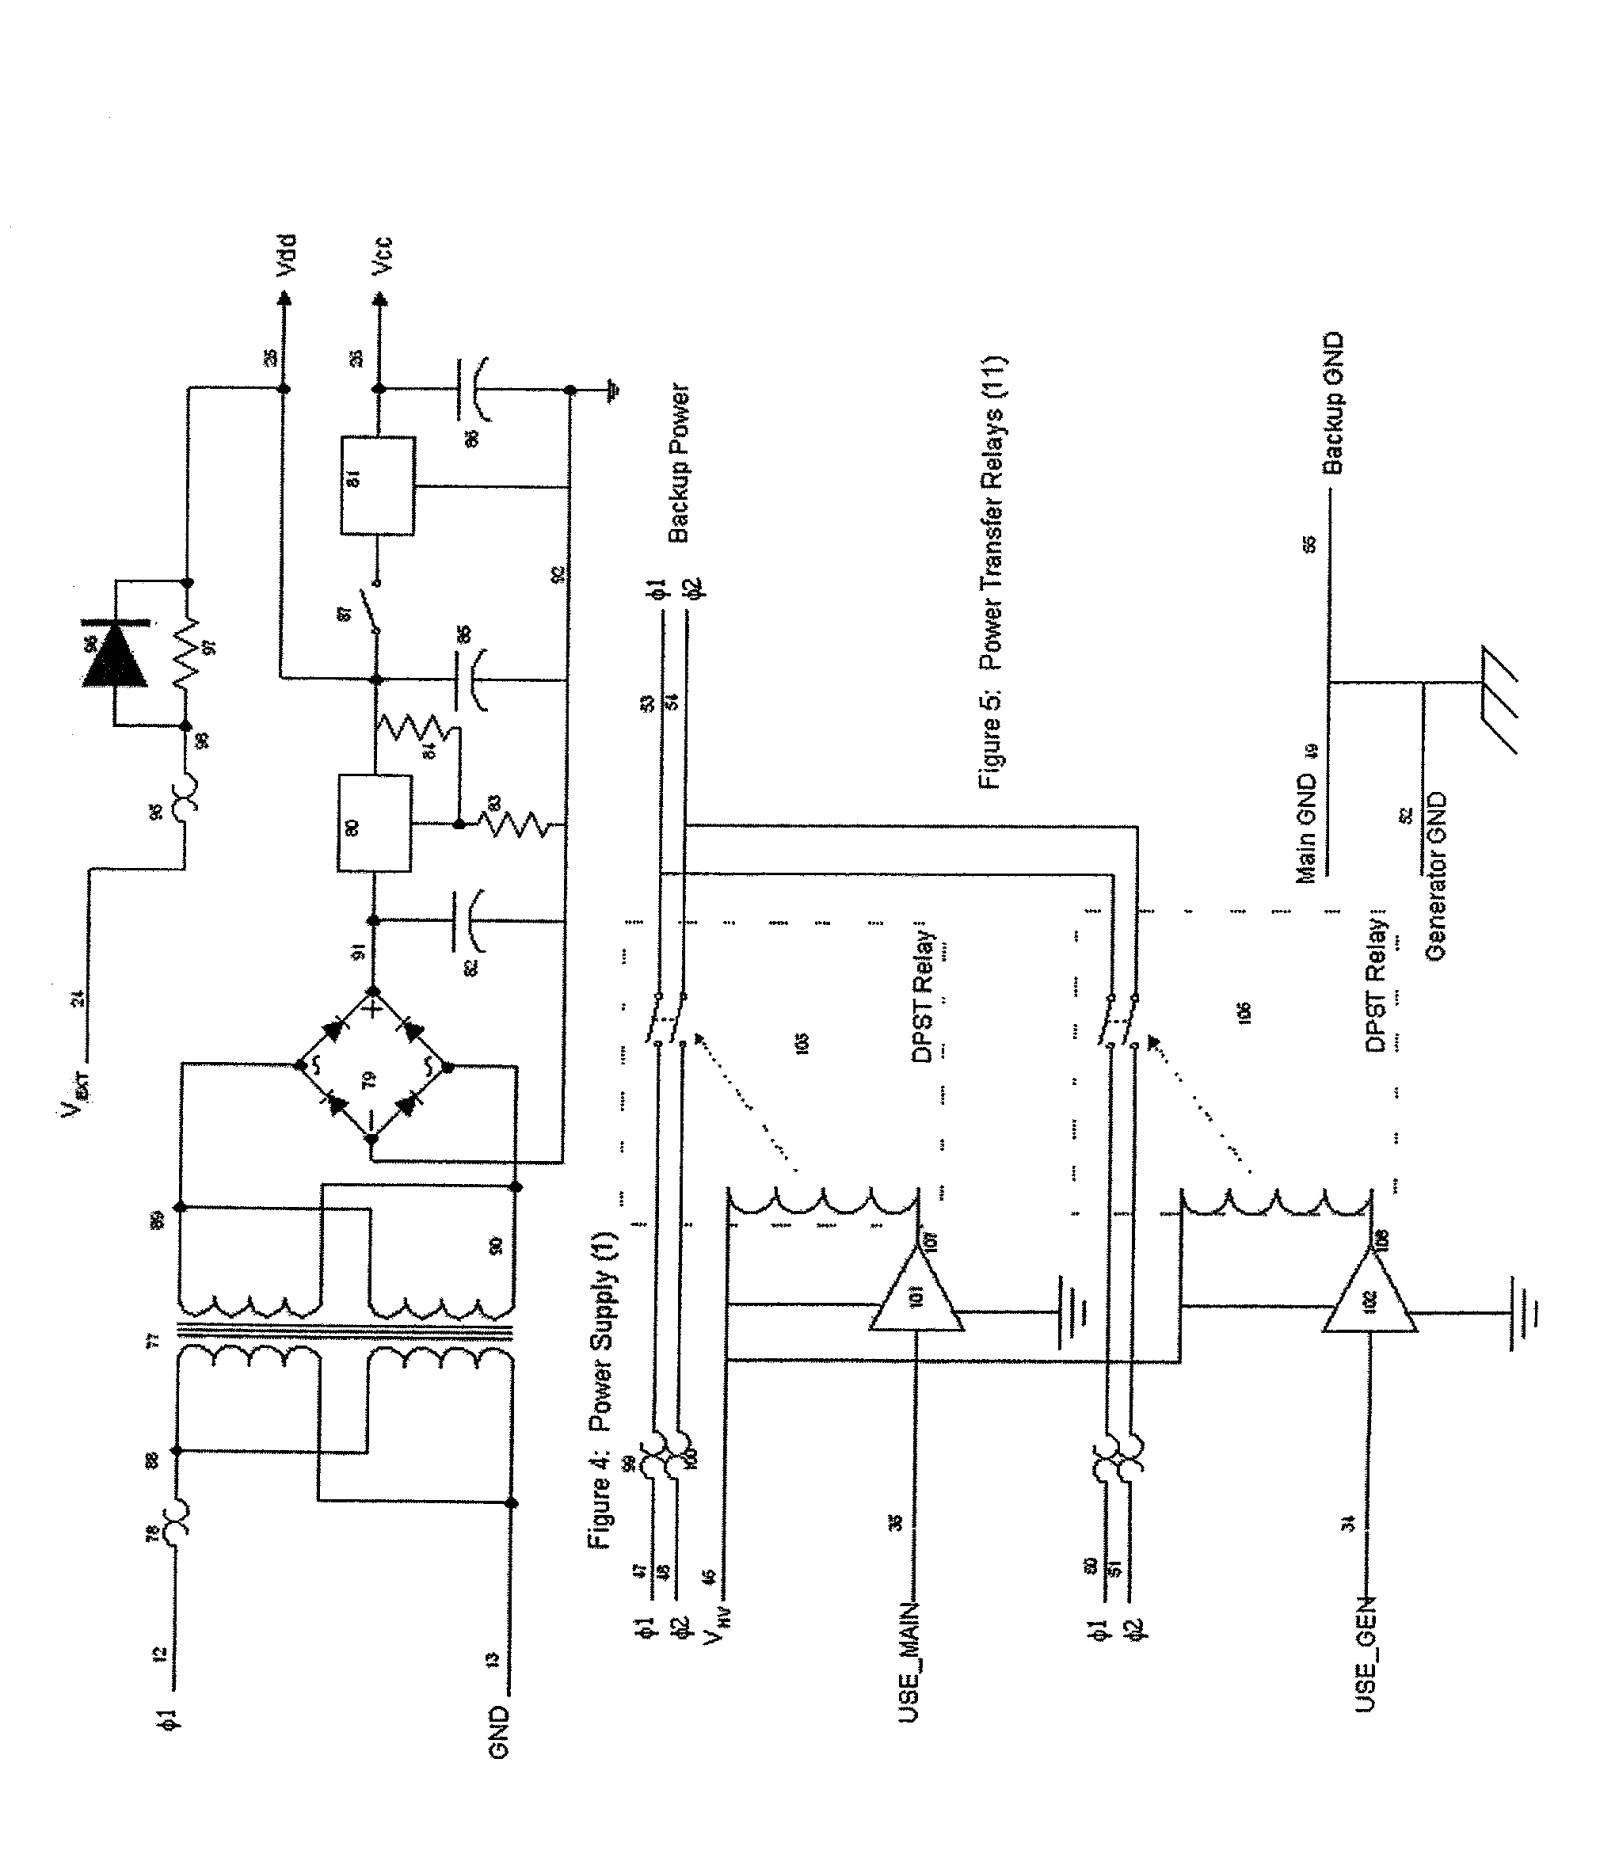 asco 940 wiring diagram wiring libraryasco 940 wiring diagram